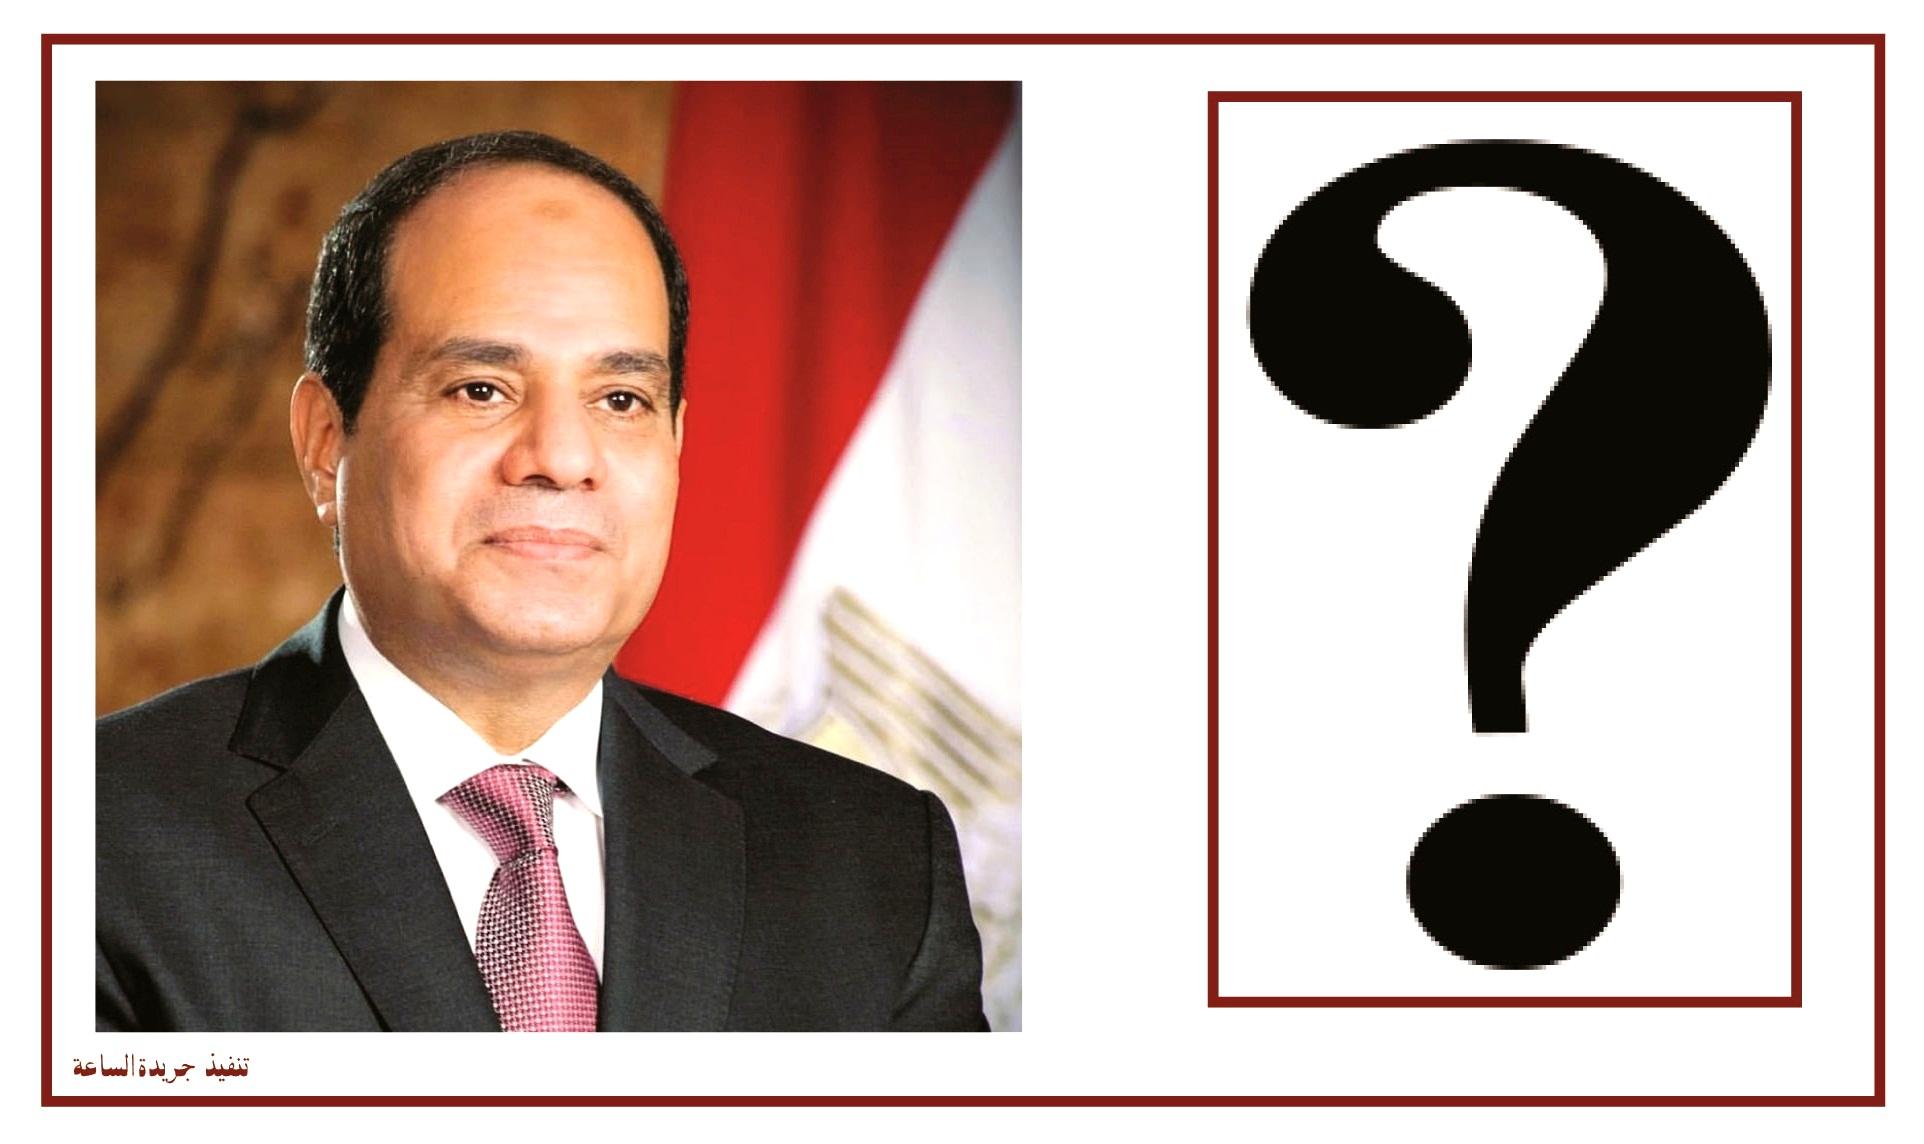 ياسين عبدالمنعم - يكتب عن: الاختبار والإختيار ...  للرئيس 2018. (1)